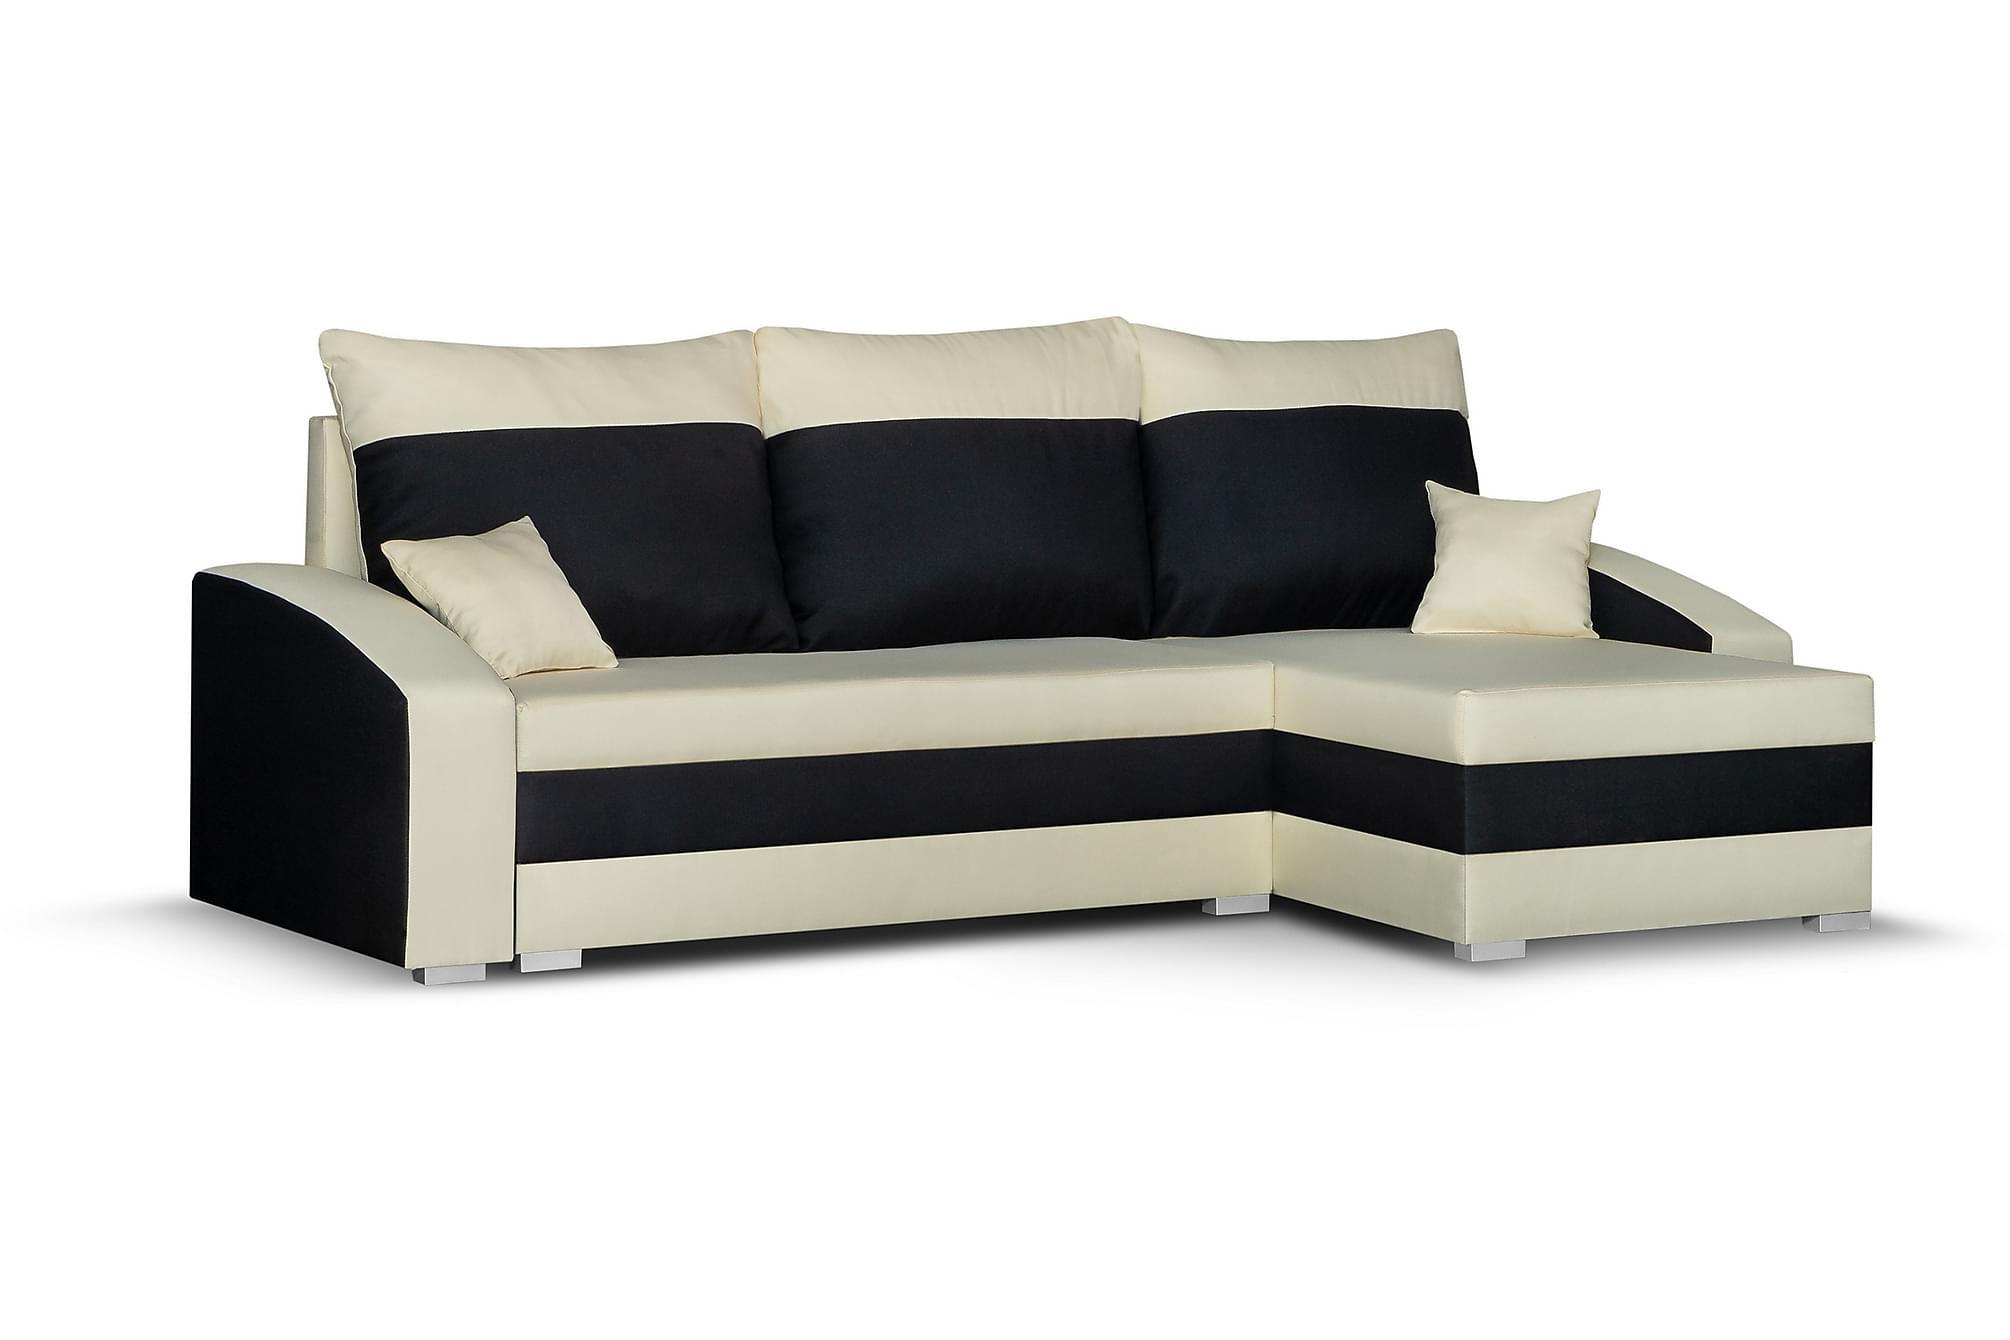 Banyoles divanbäddsoffa beige/svart